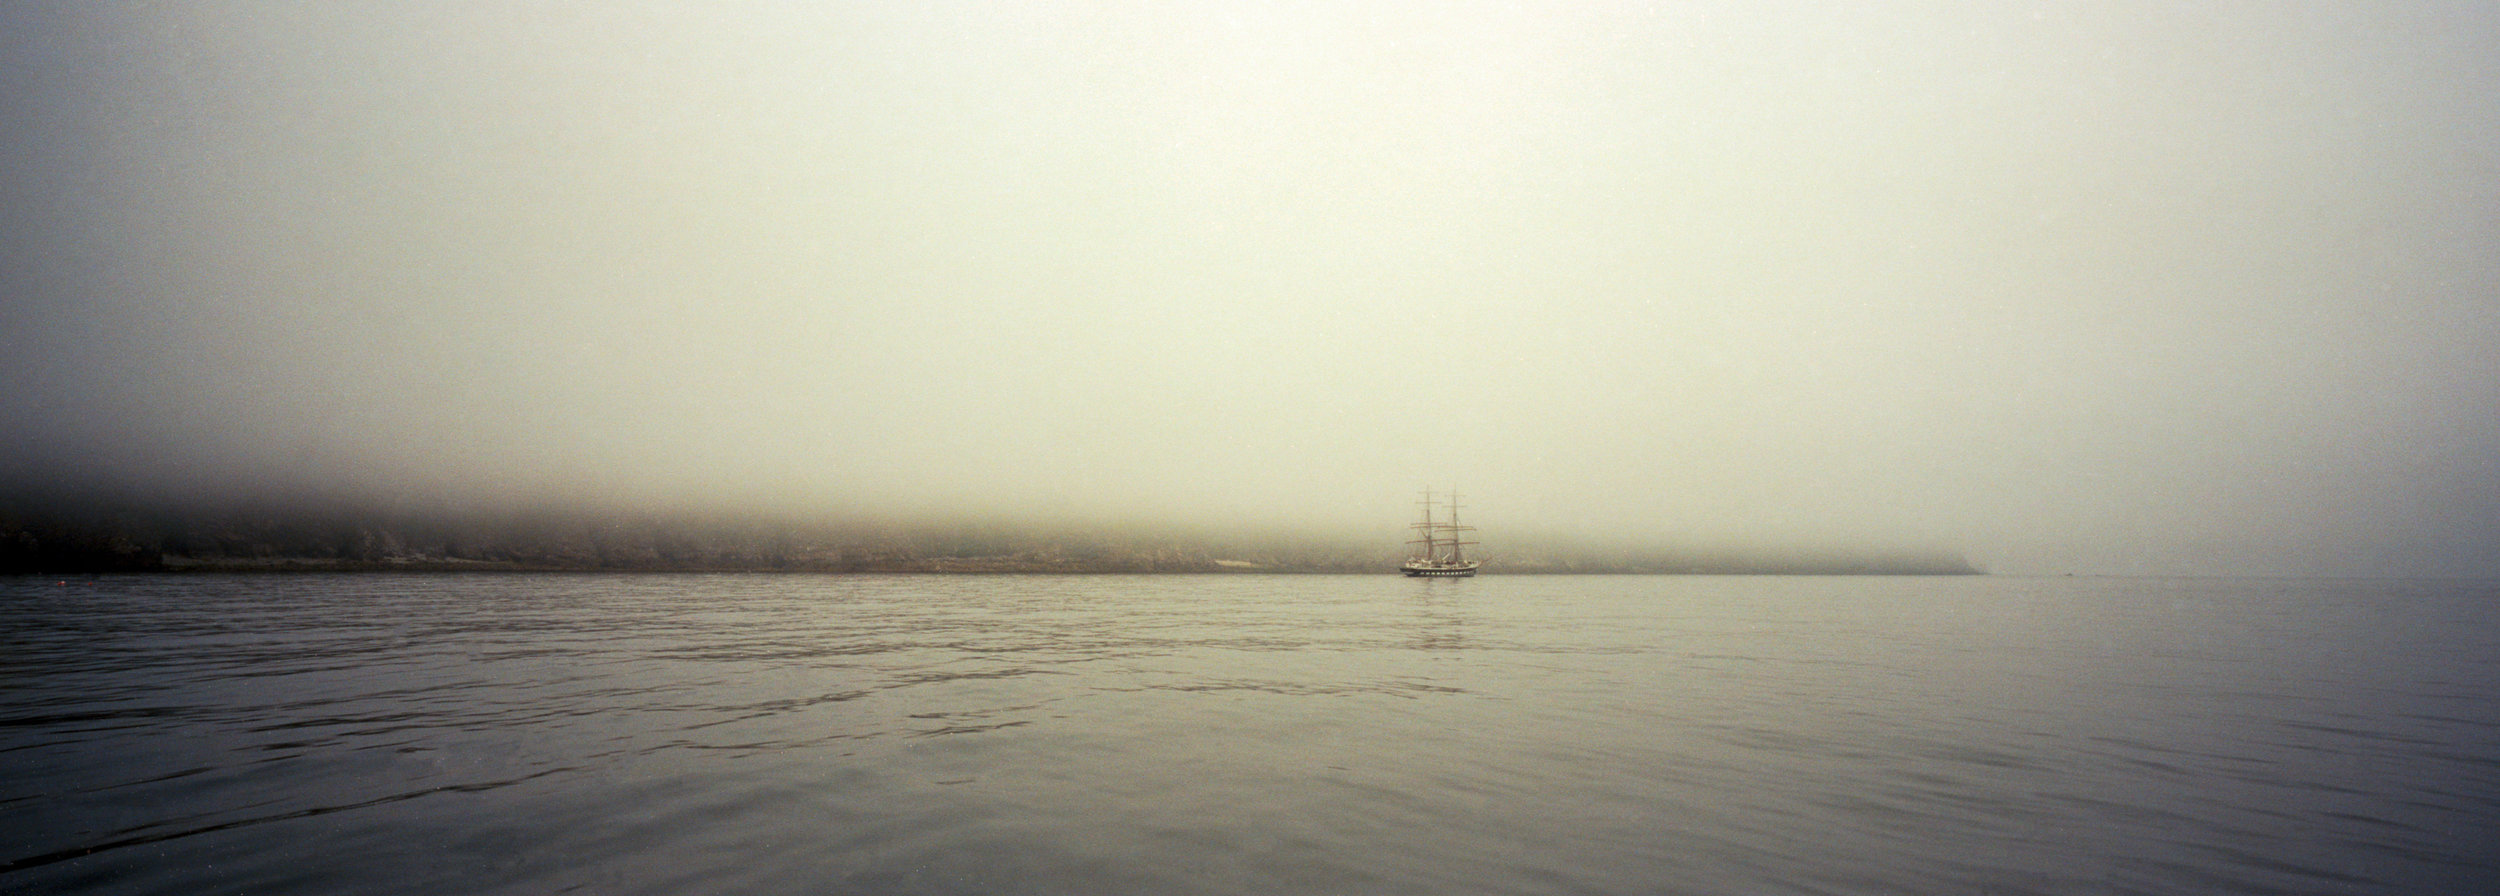 Landscape Photography Lundy-5.jpg